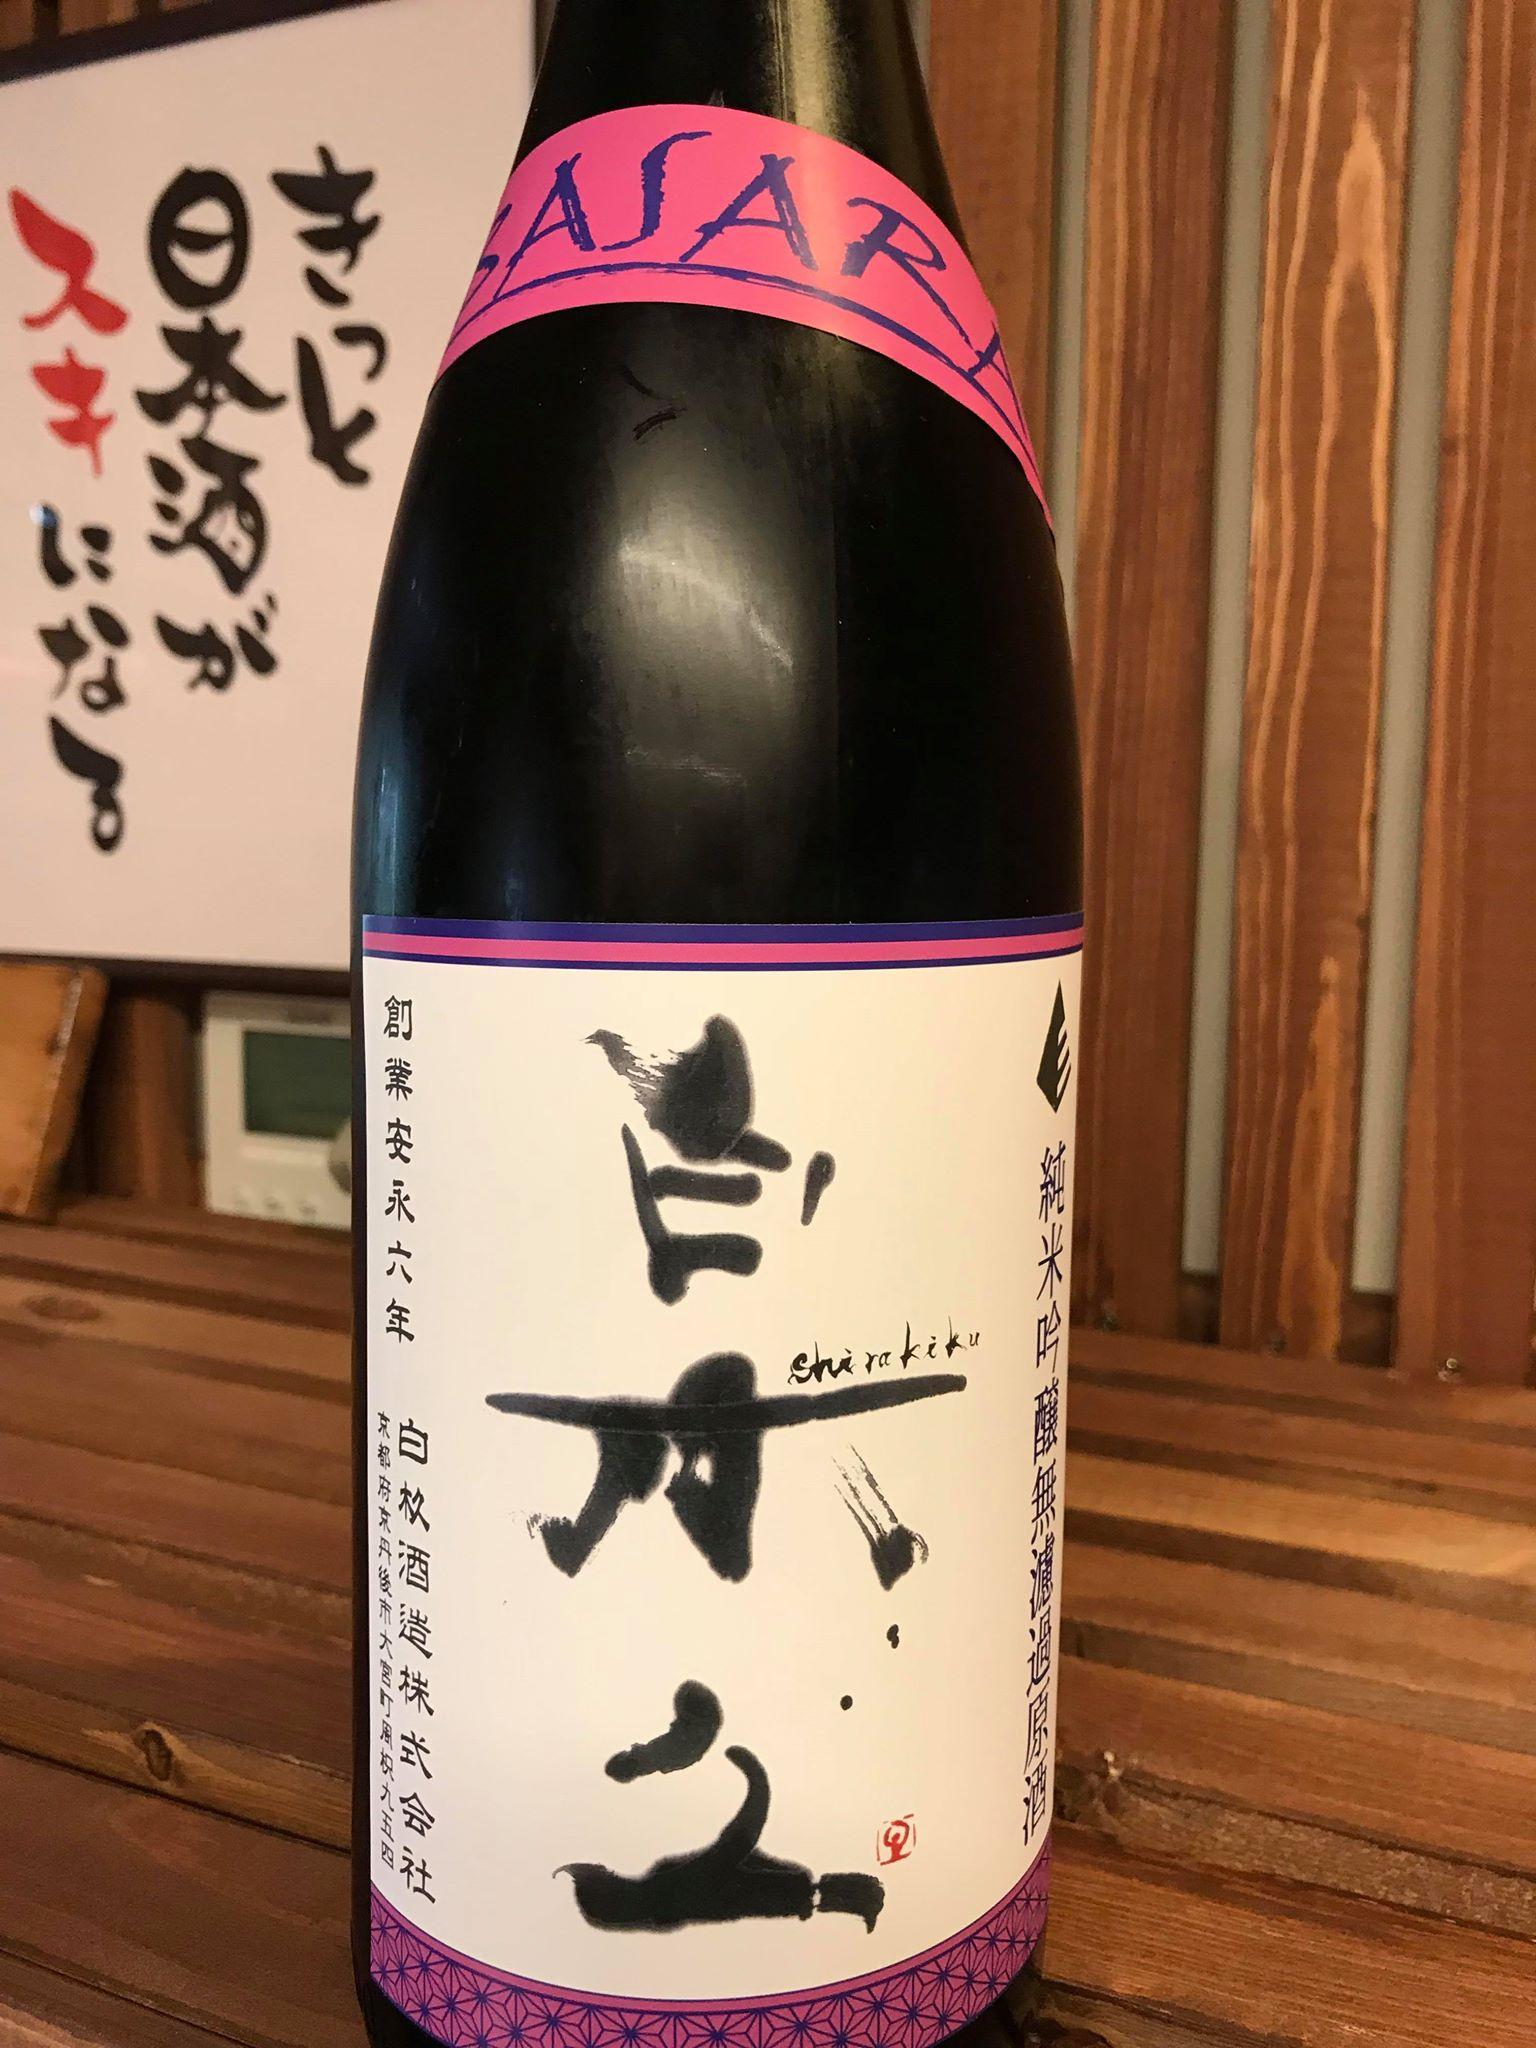 【日本酒】白木久 BASARA 瓶囲い 純米生詰原酒 限定 29BY_e0173738_18374845.jpg